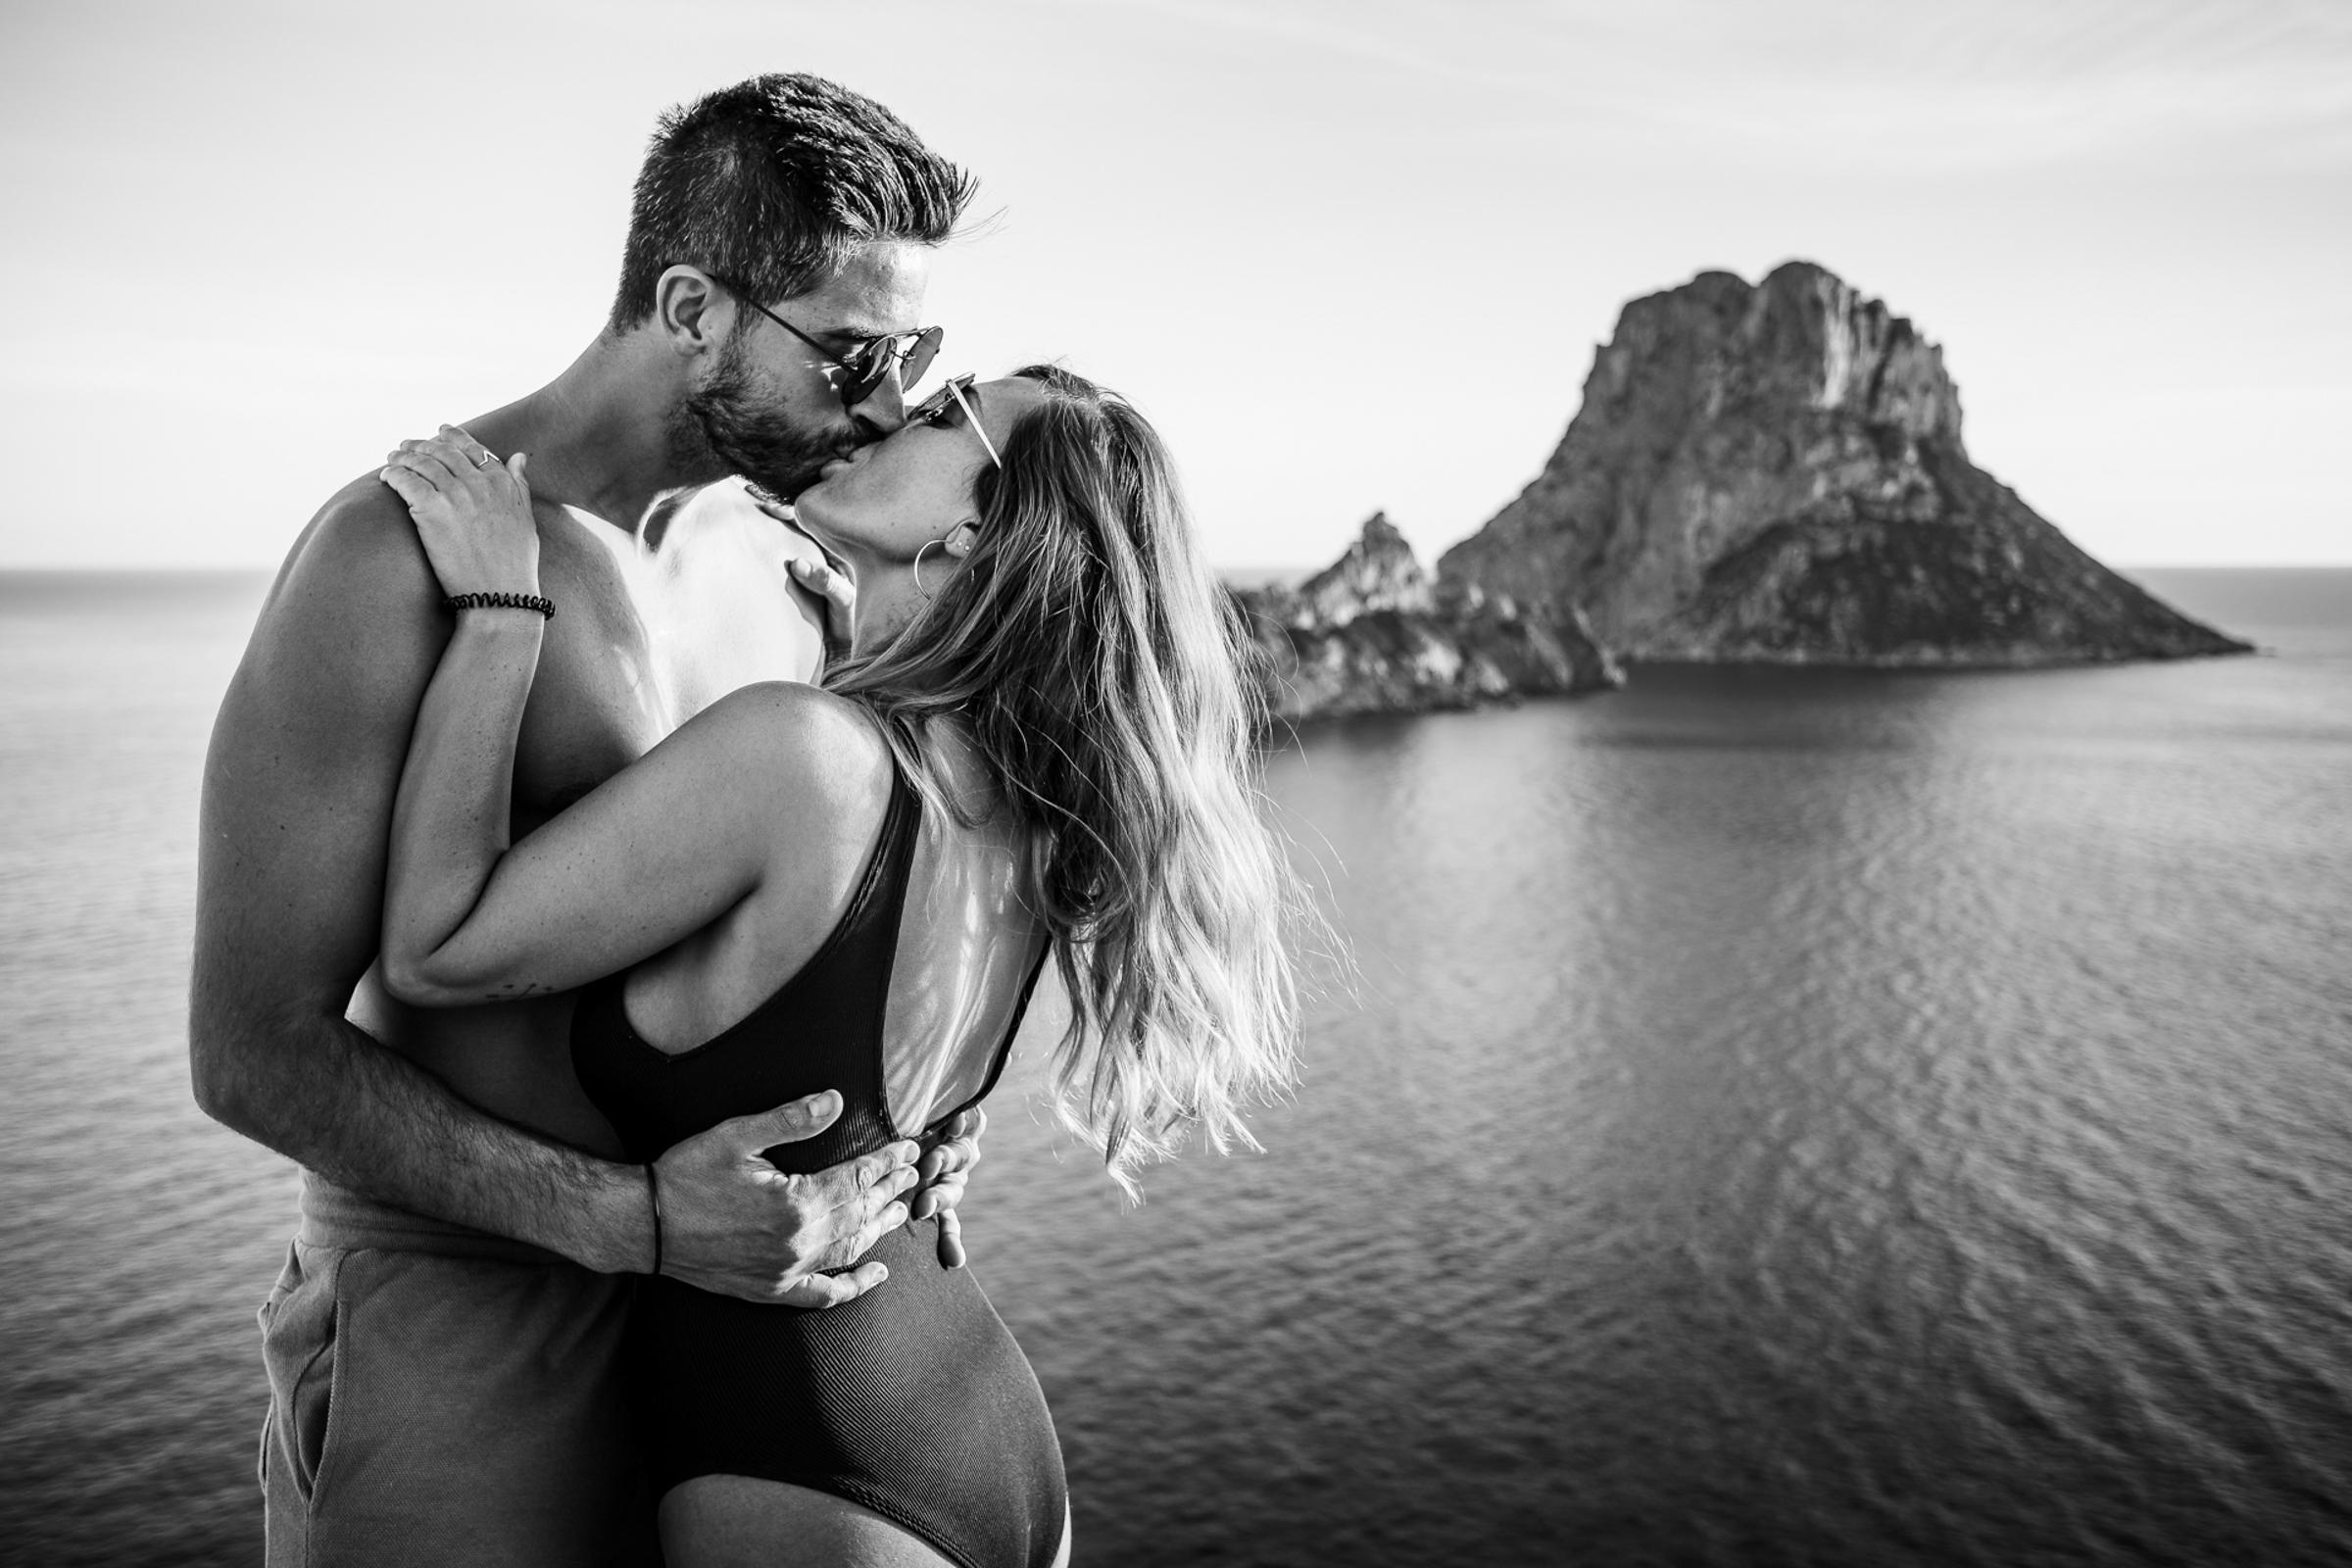 Portrait of couple against the Spanish landmark, Es Vedrà, by Julien Laurent Georges